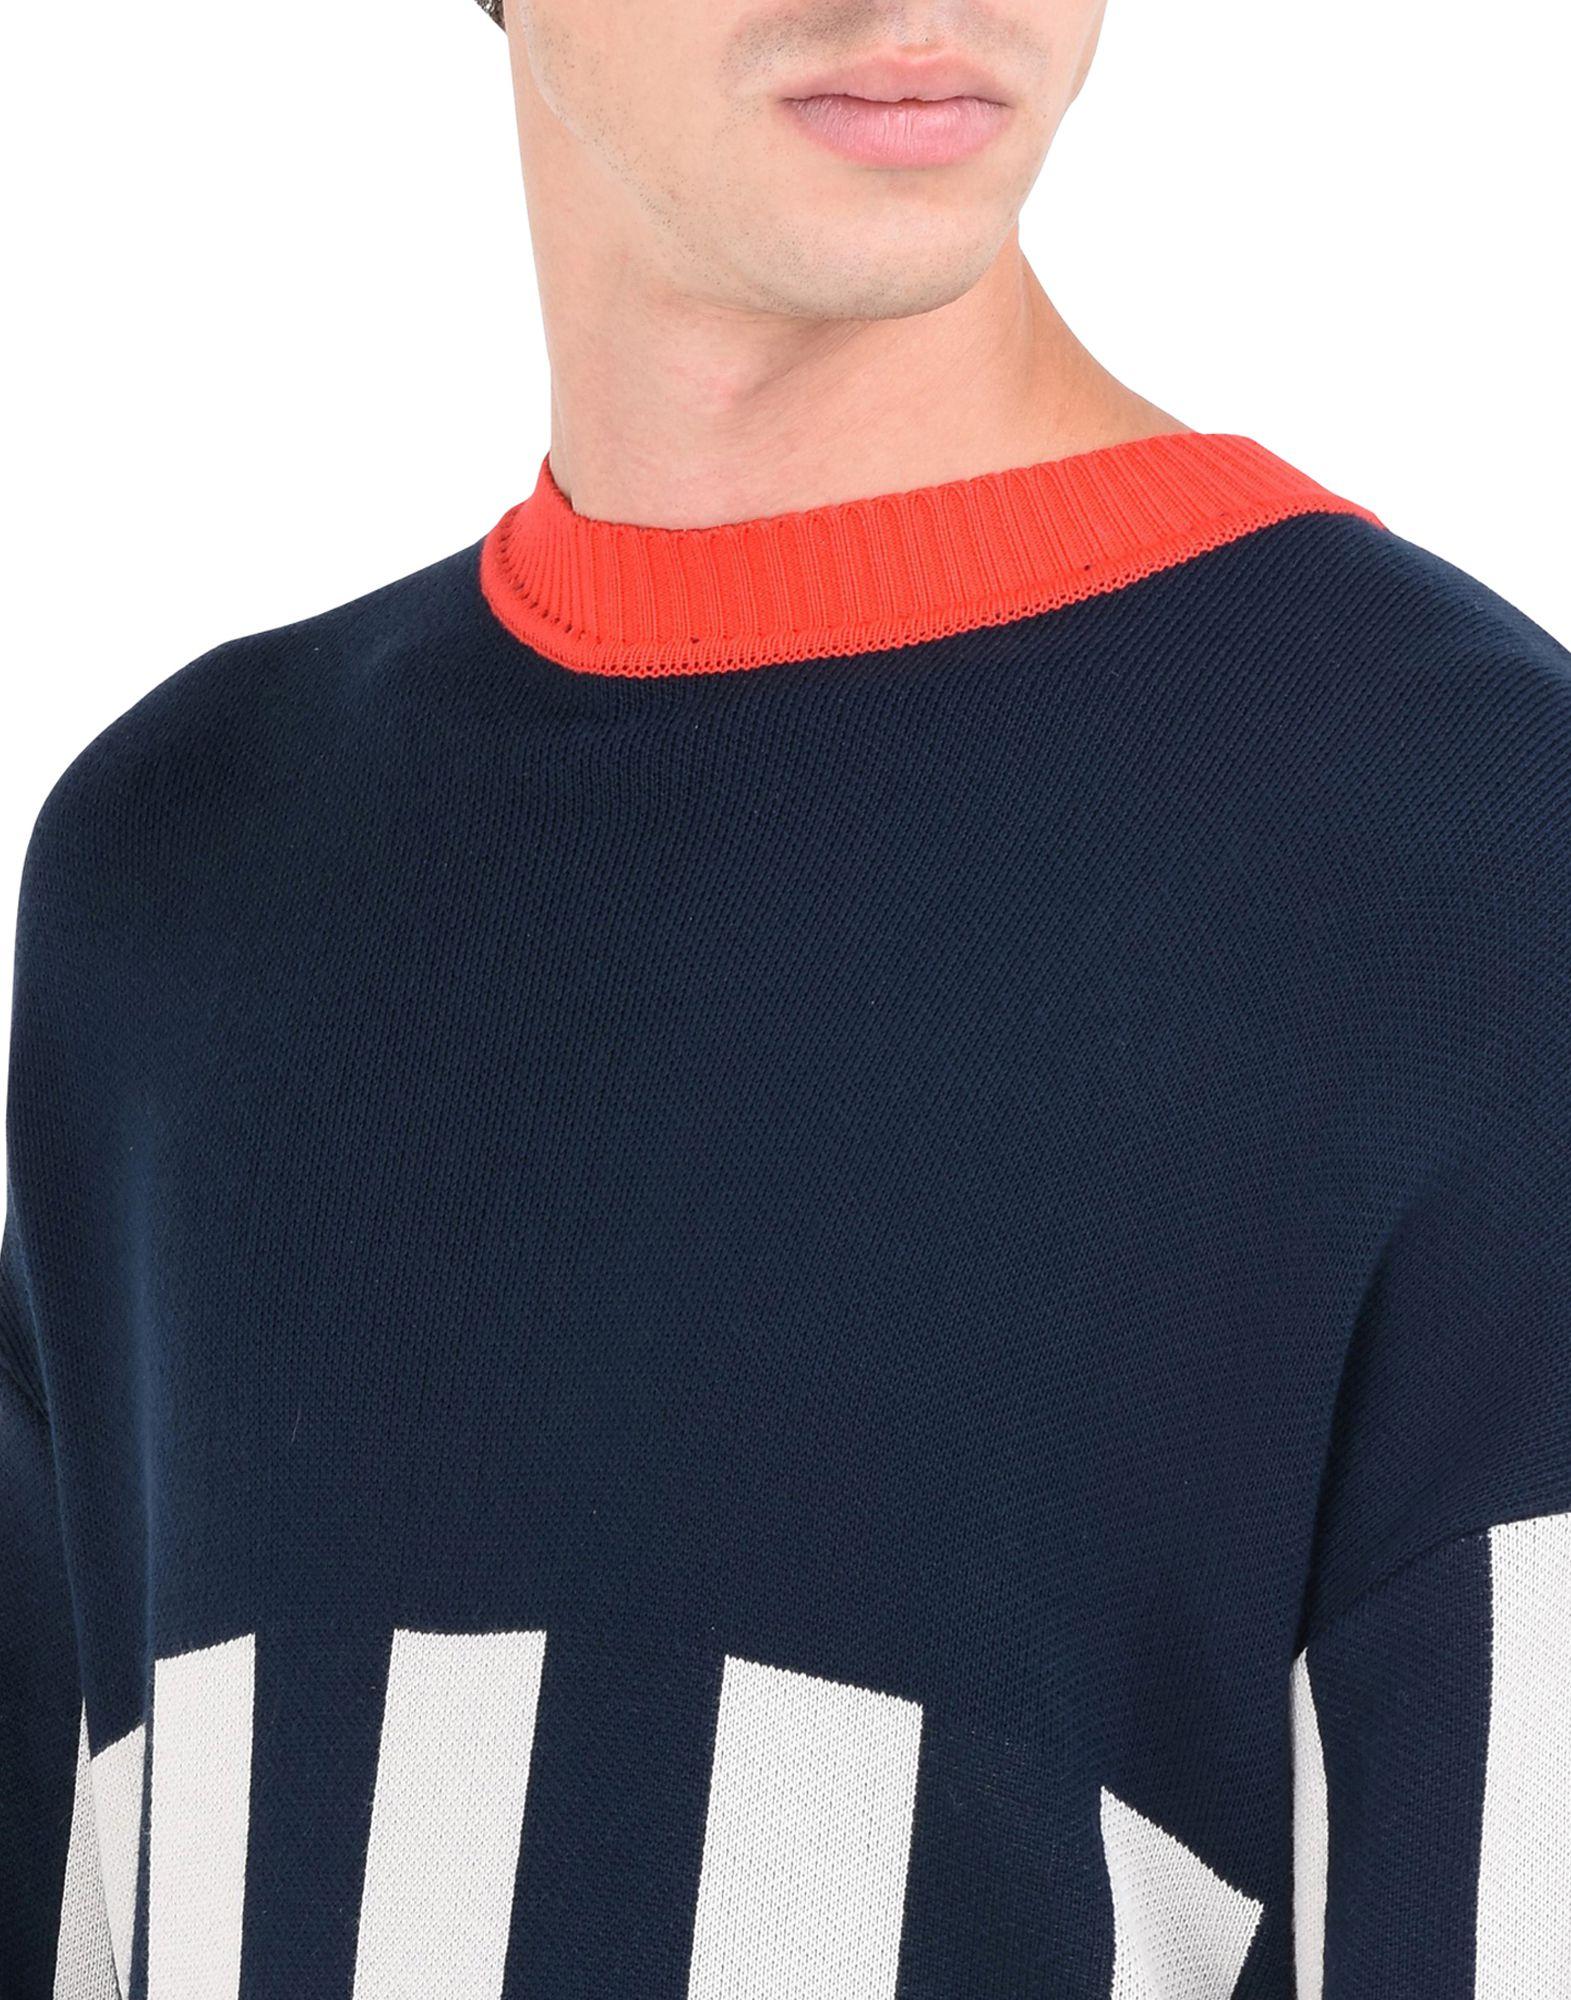 Pullover Arthur Arbesser X Girocollo Yoox Girocollo X - Uomo - 39779528LR 330714